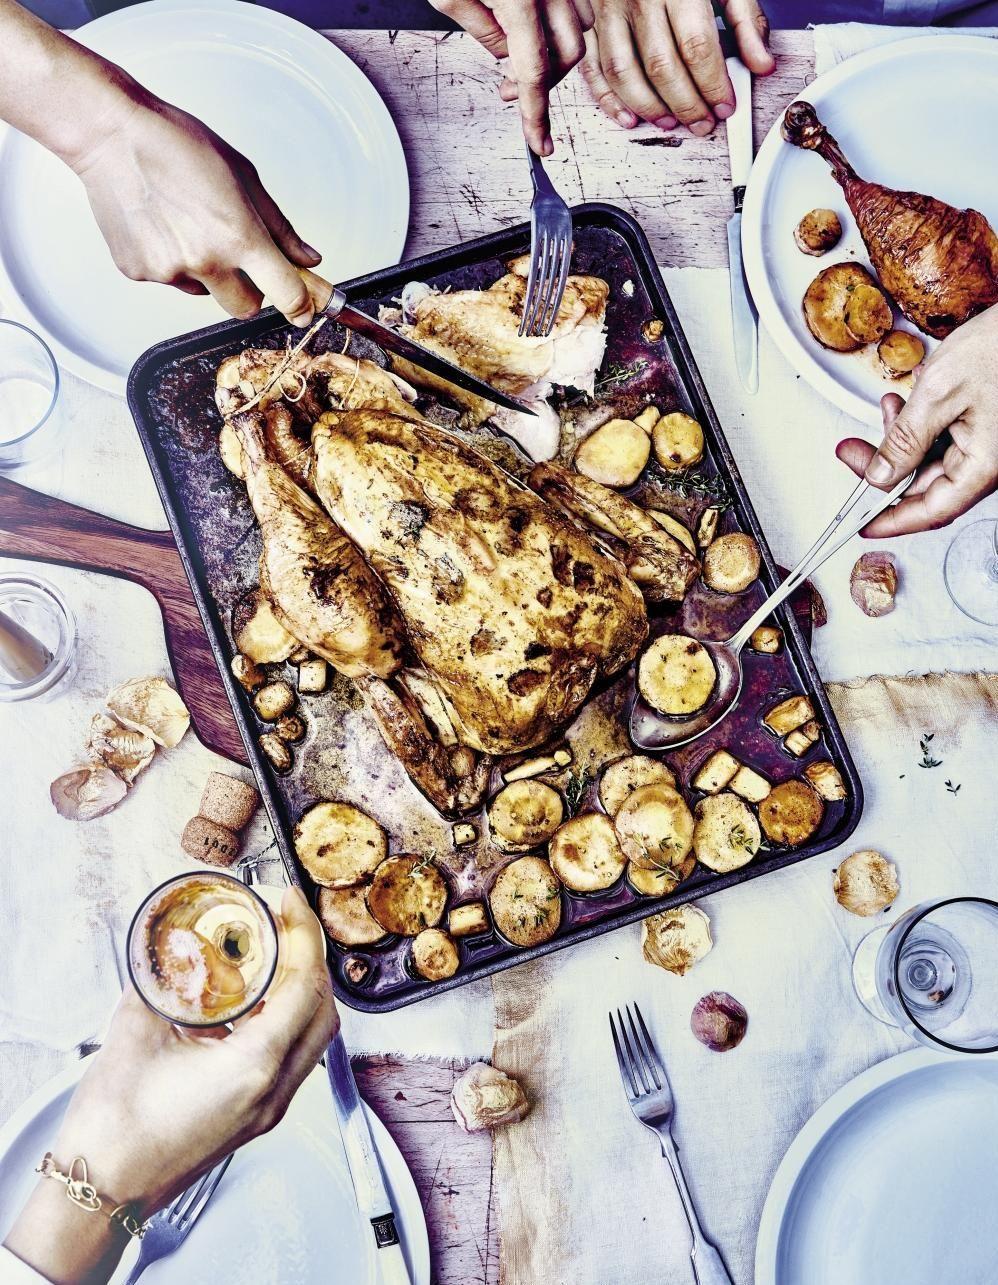 Menu De Noel Grand Chef.Repas De Noel Les Idees De Recettes Pour Le Repas De Noel